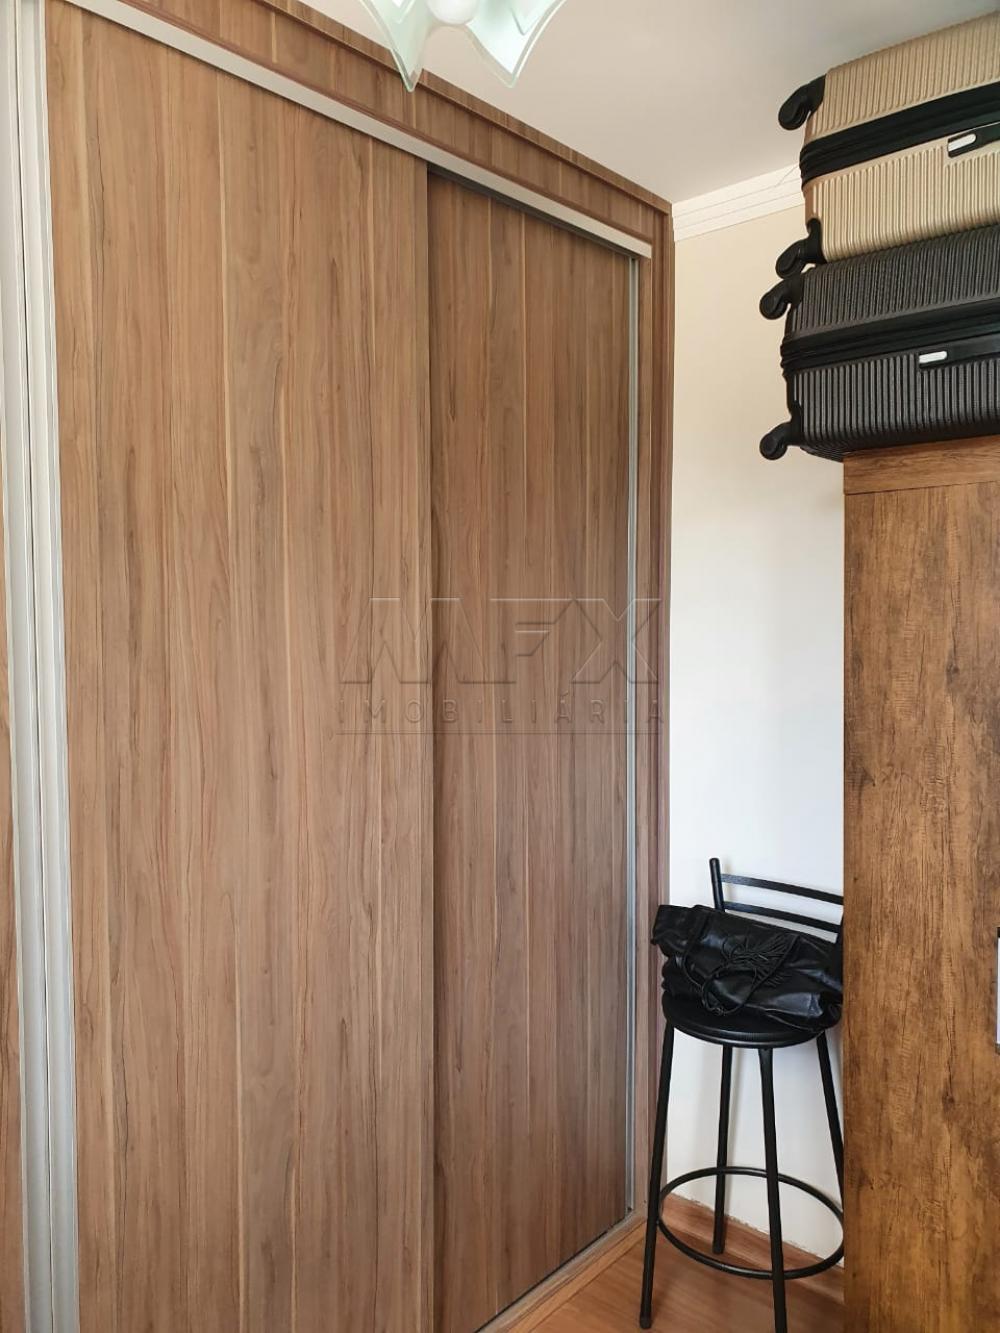 Alugar Apartamento / Padrão em Bauru R$ 900,00 - Foto 5